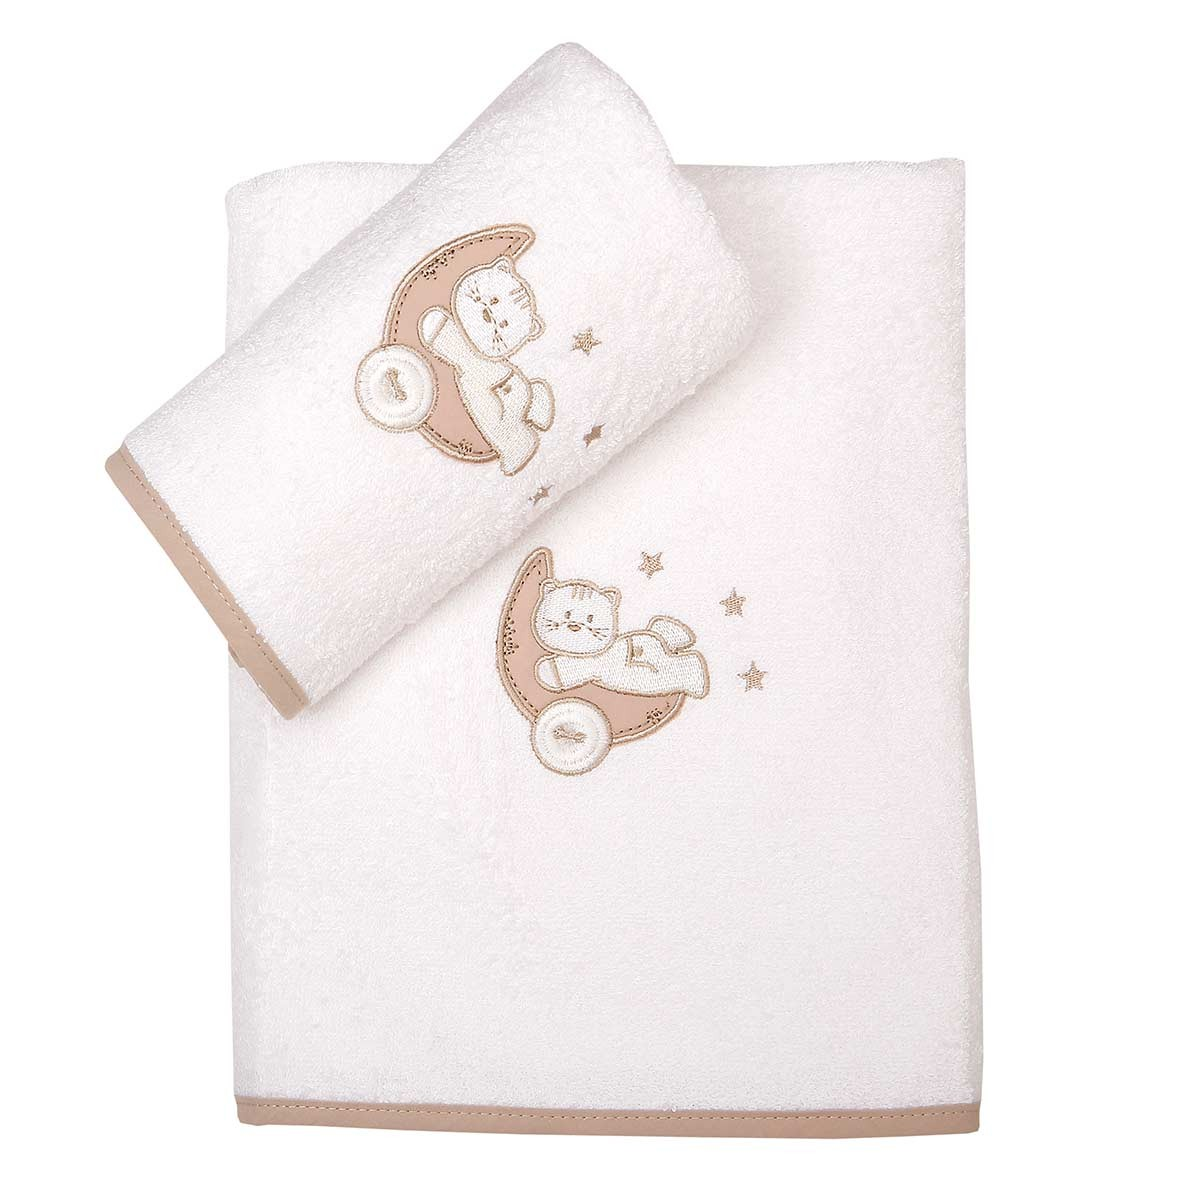 Βρεφικές Πετσέτες (Σετ 2τμχ) Viopros Κίτι